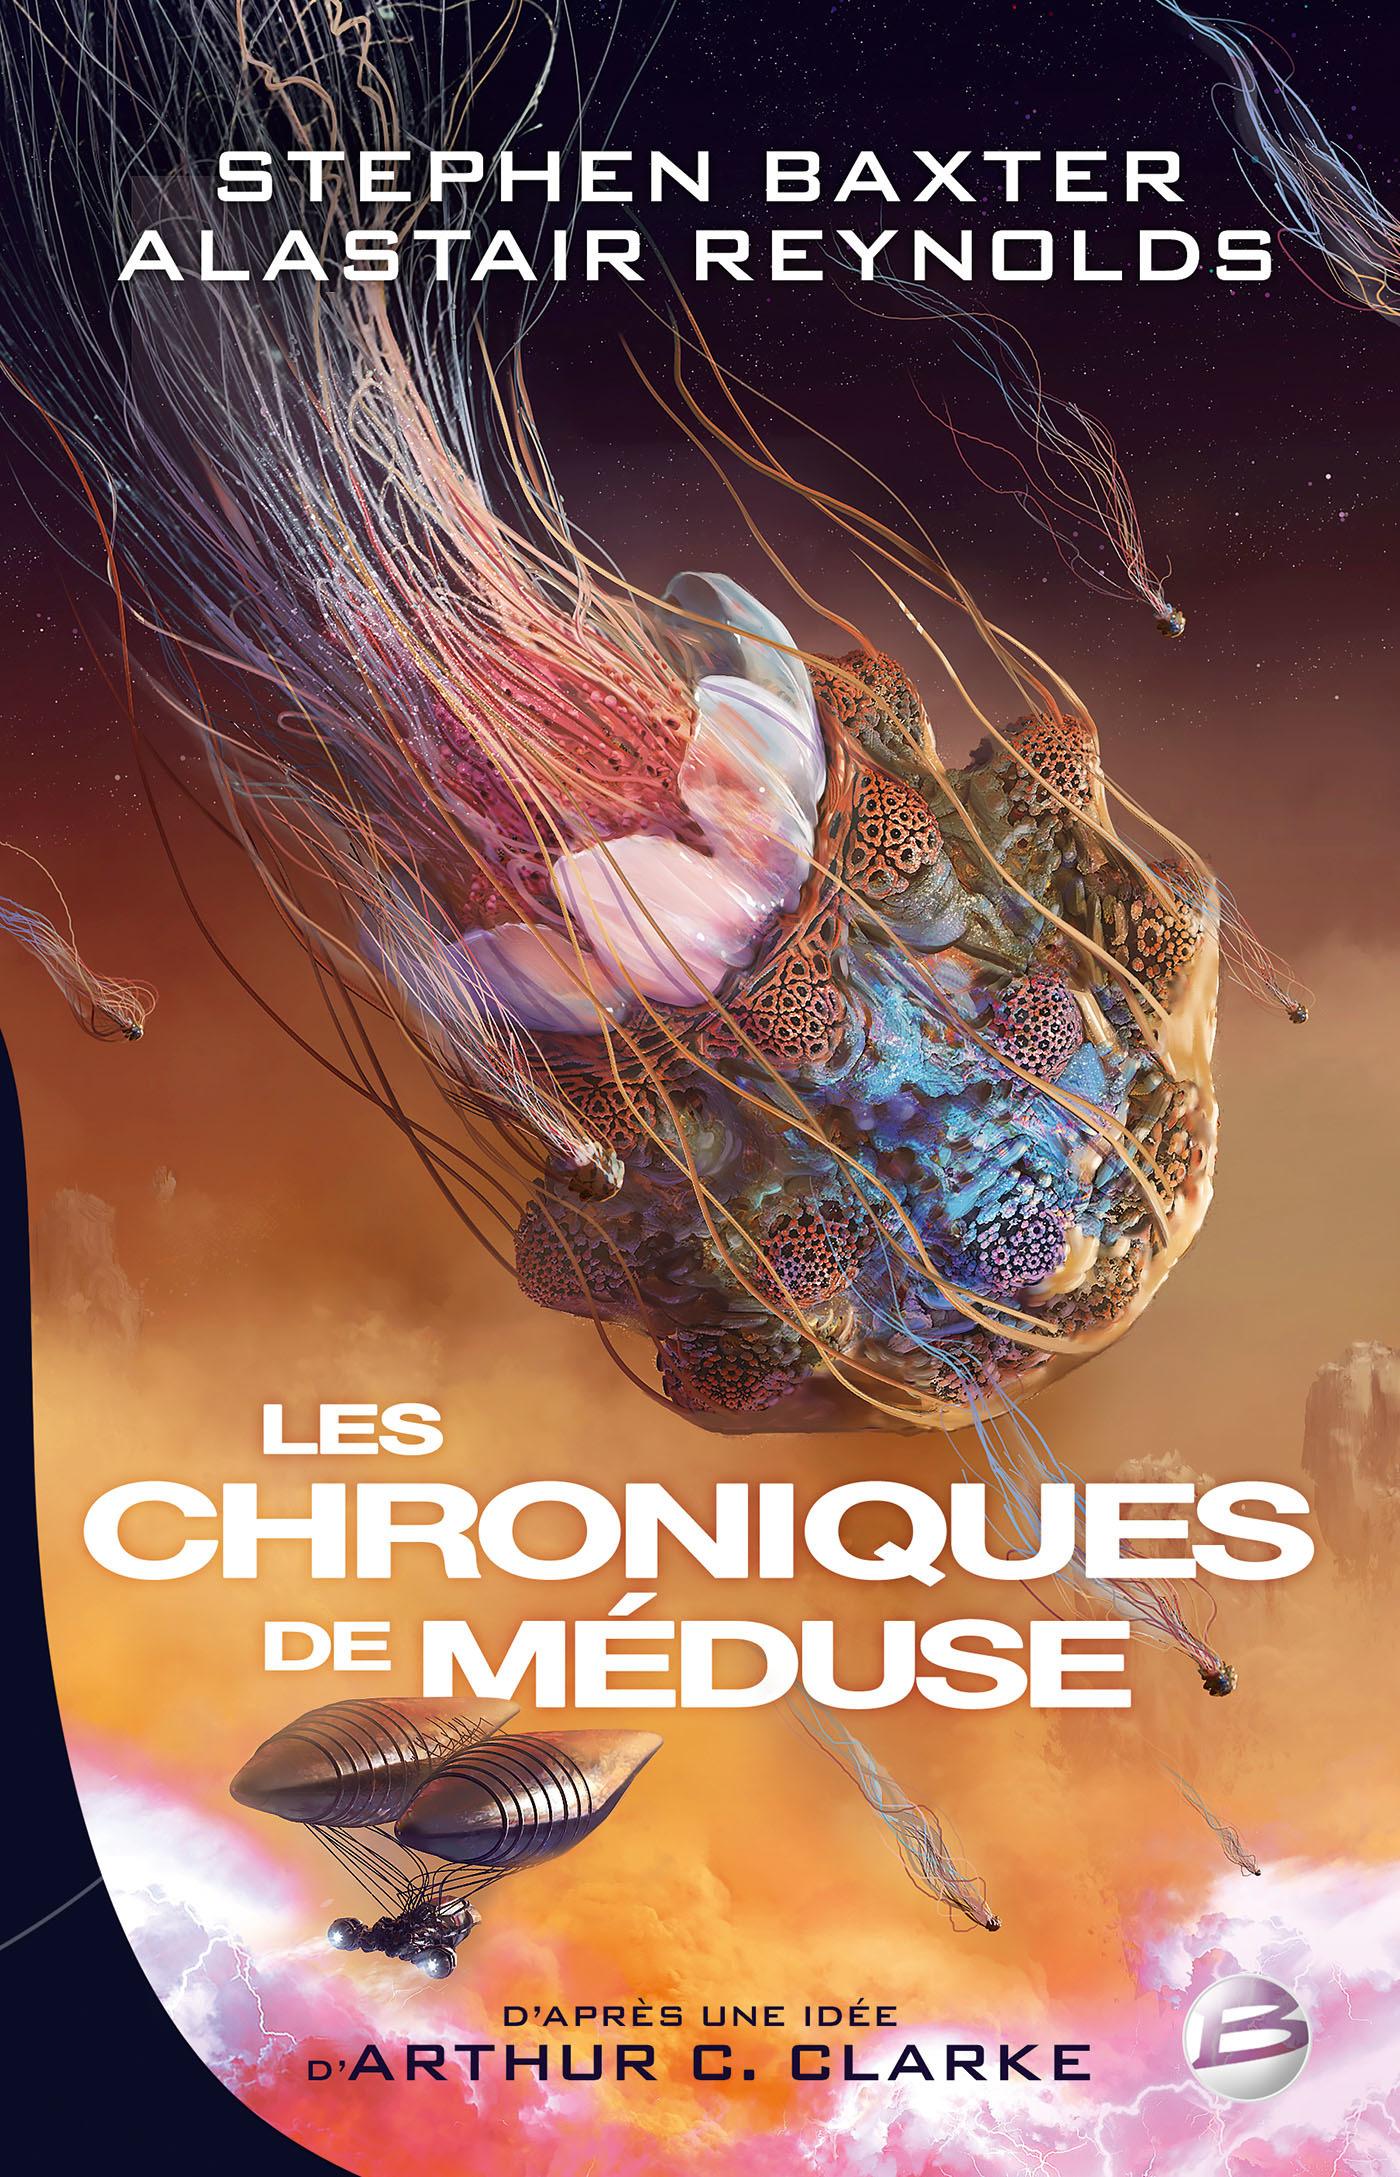 Les Chroniques De Meduse